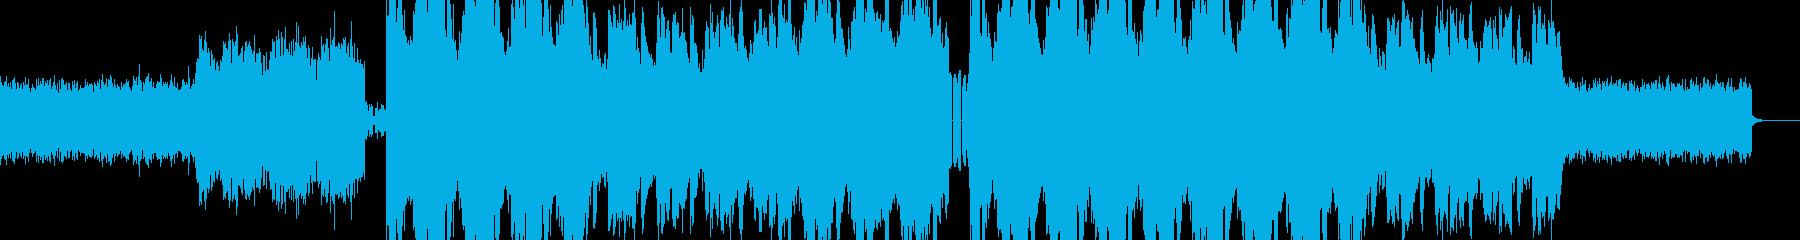 電子音をイメージした楽曲。の再生済みの波形